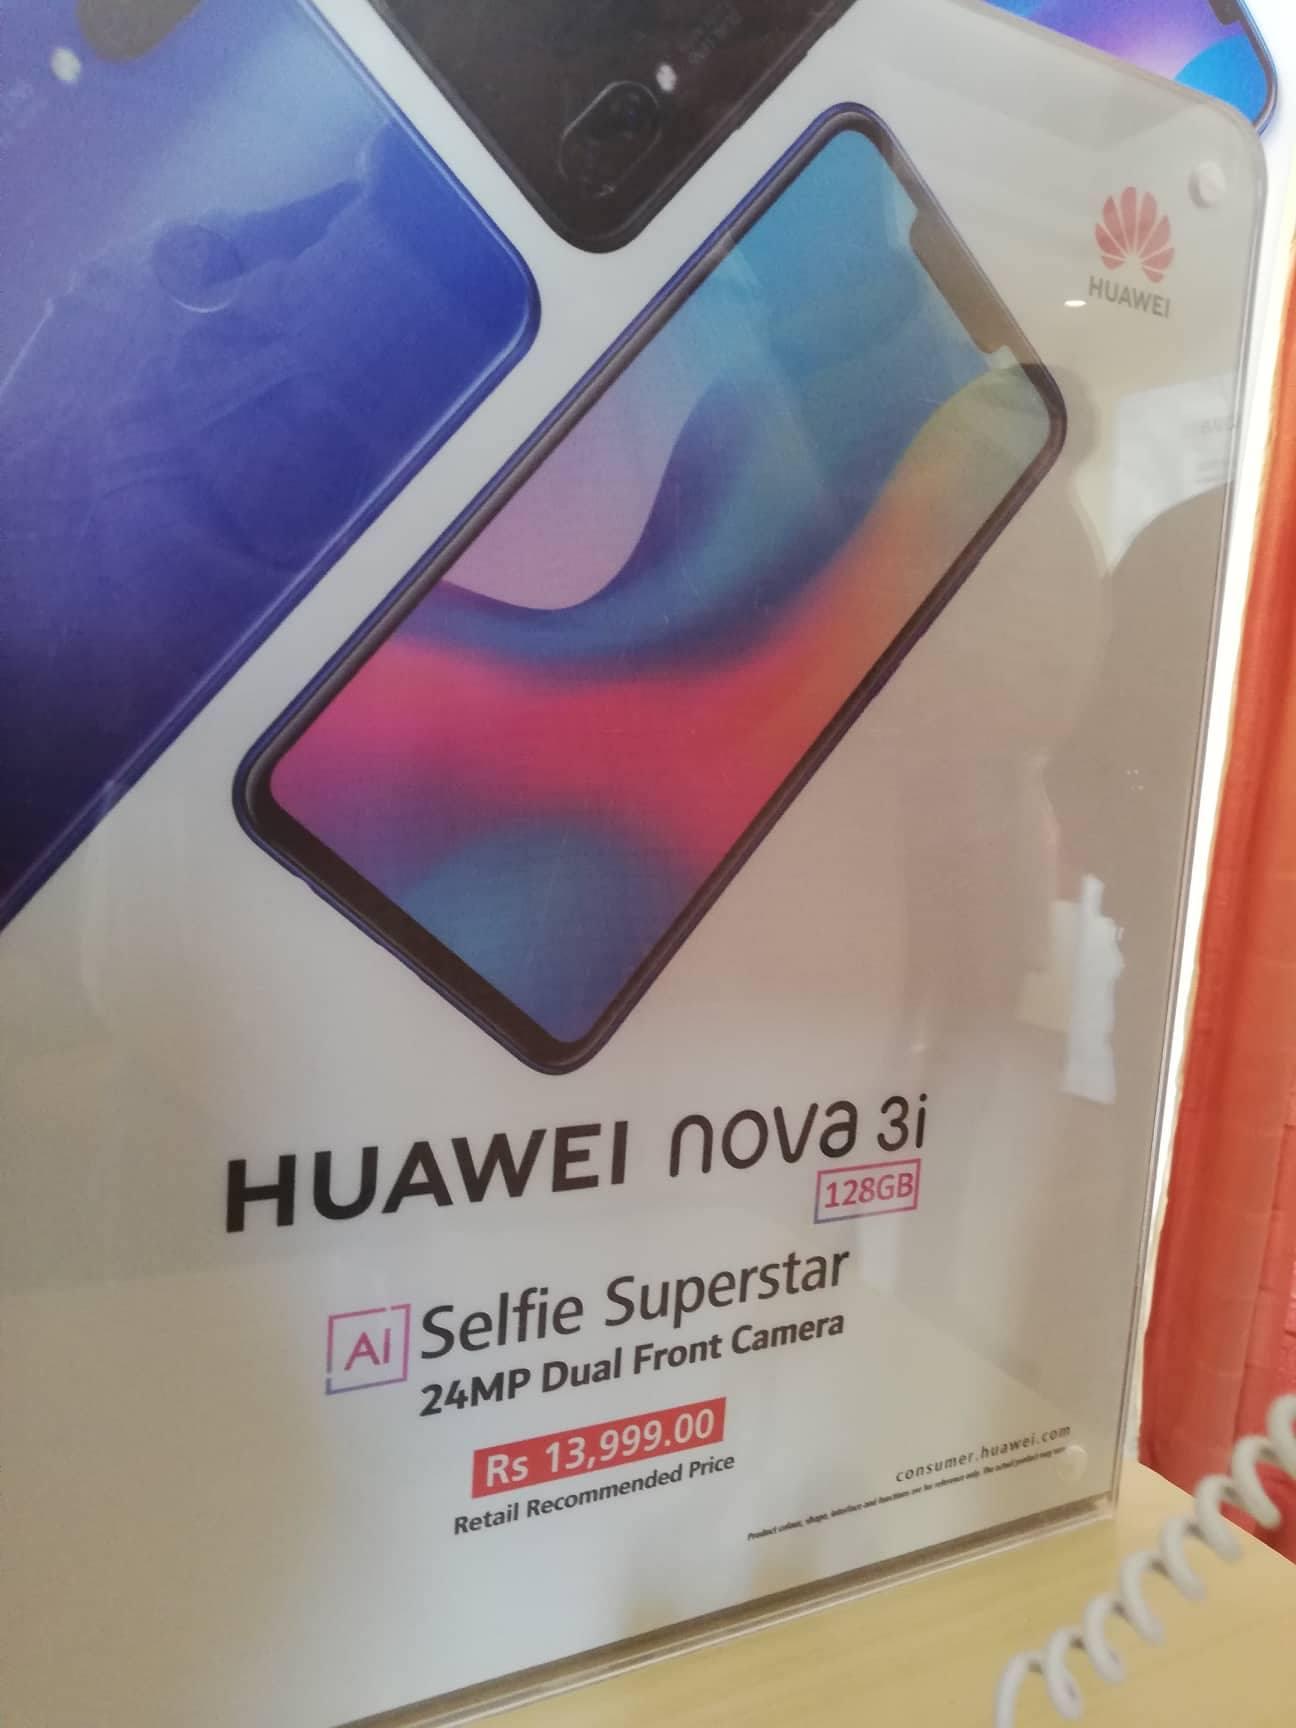 Le Nova 3i de Huawei fait son entrée à Maurice